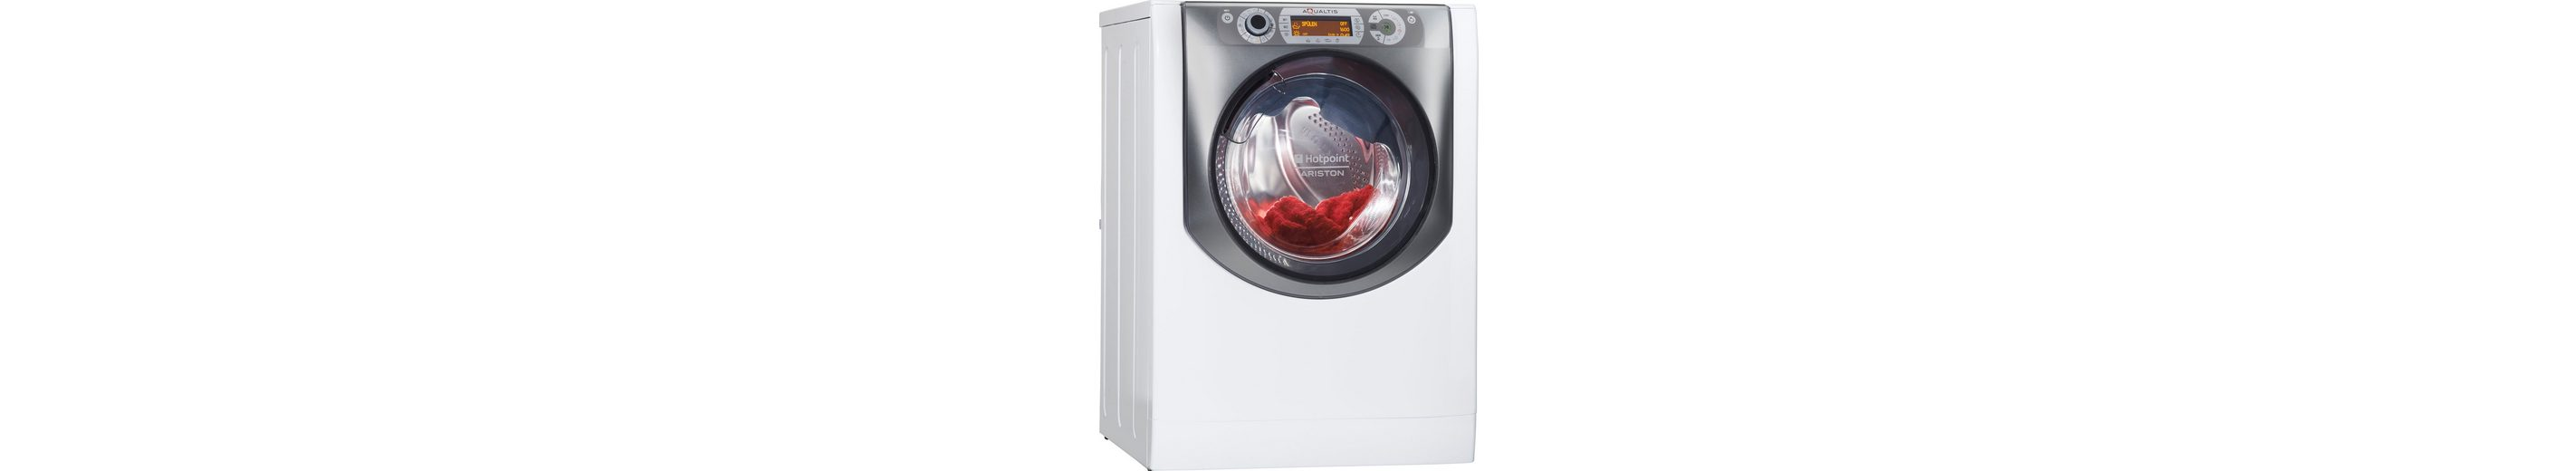 Hotpoint Waschtrockner AQD1071D 69 EU/A, A, 10 kg / 7 kg, 1600 U/Min